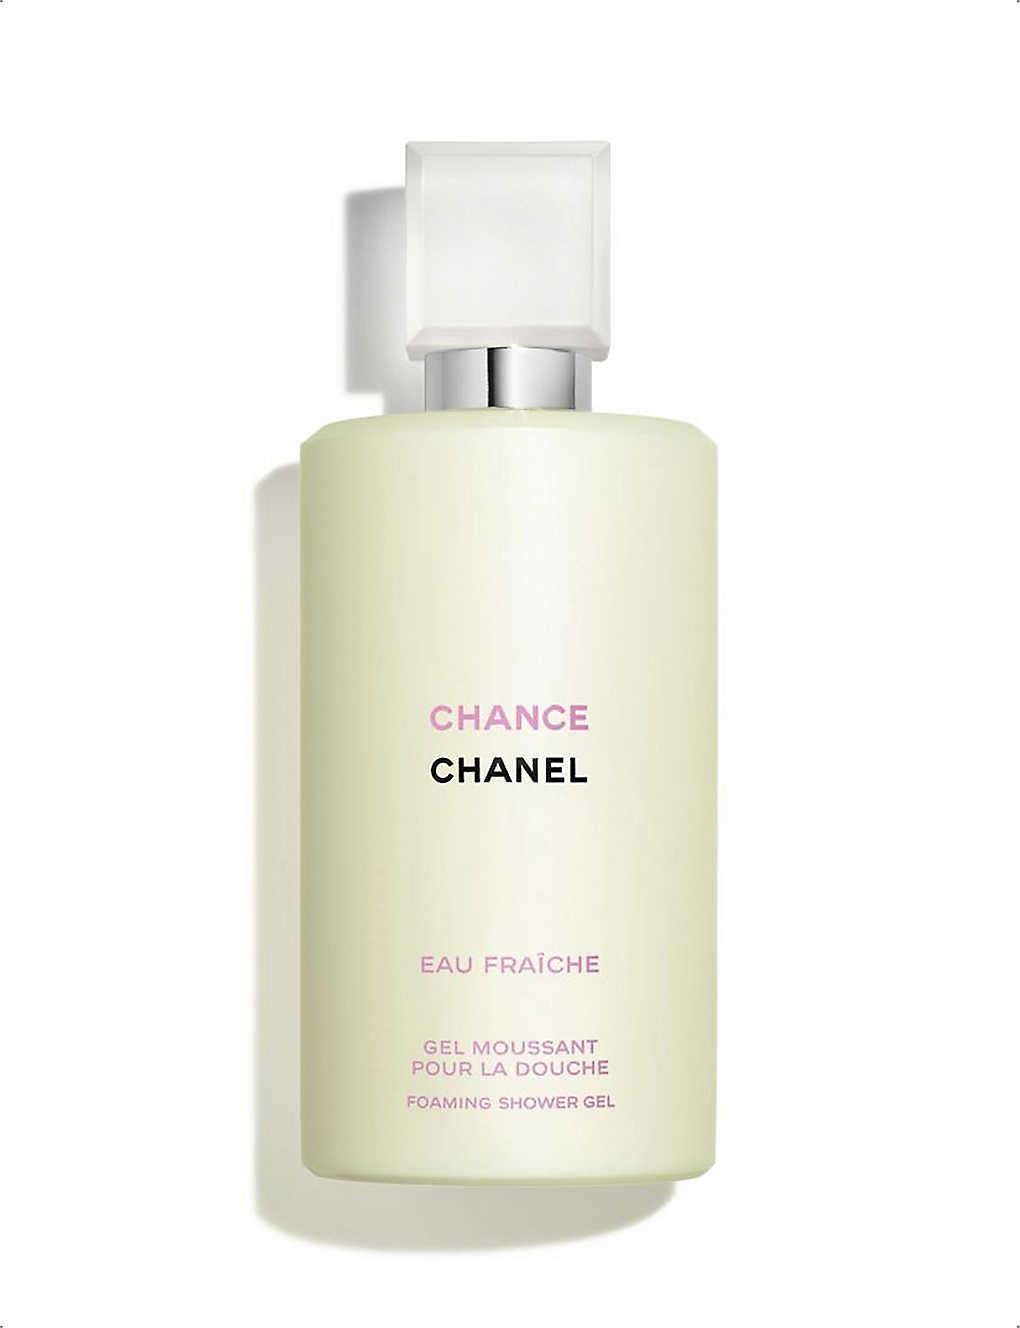 d9ebedcb68ad CHANEL - CHANCE EAU FRAîCHE Foaming Shower Gel | Selfridges.com